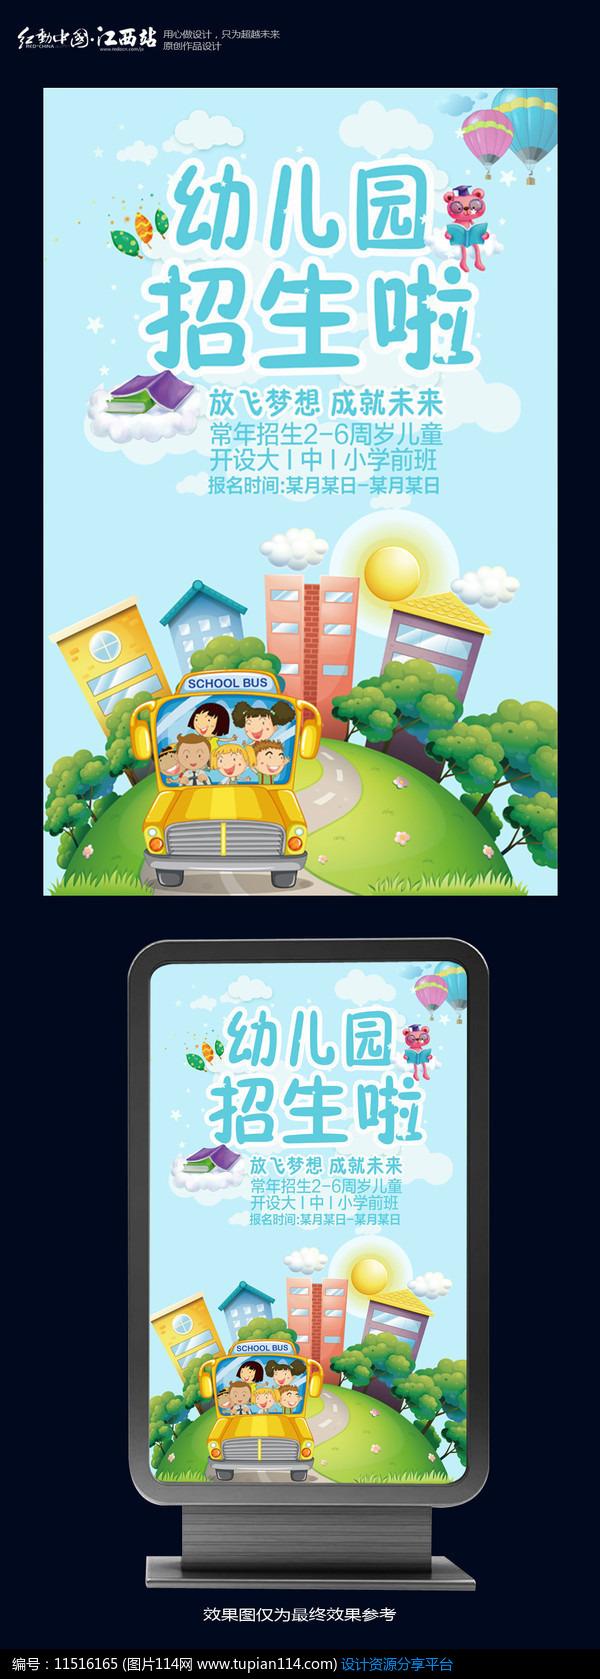 卡通幼儿园招生海报设计素材免费下载_海报设计psd